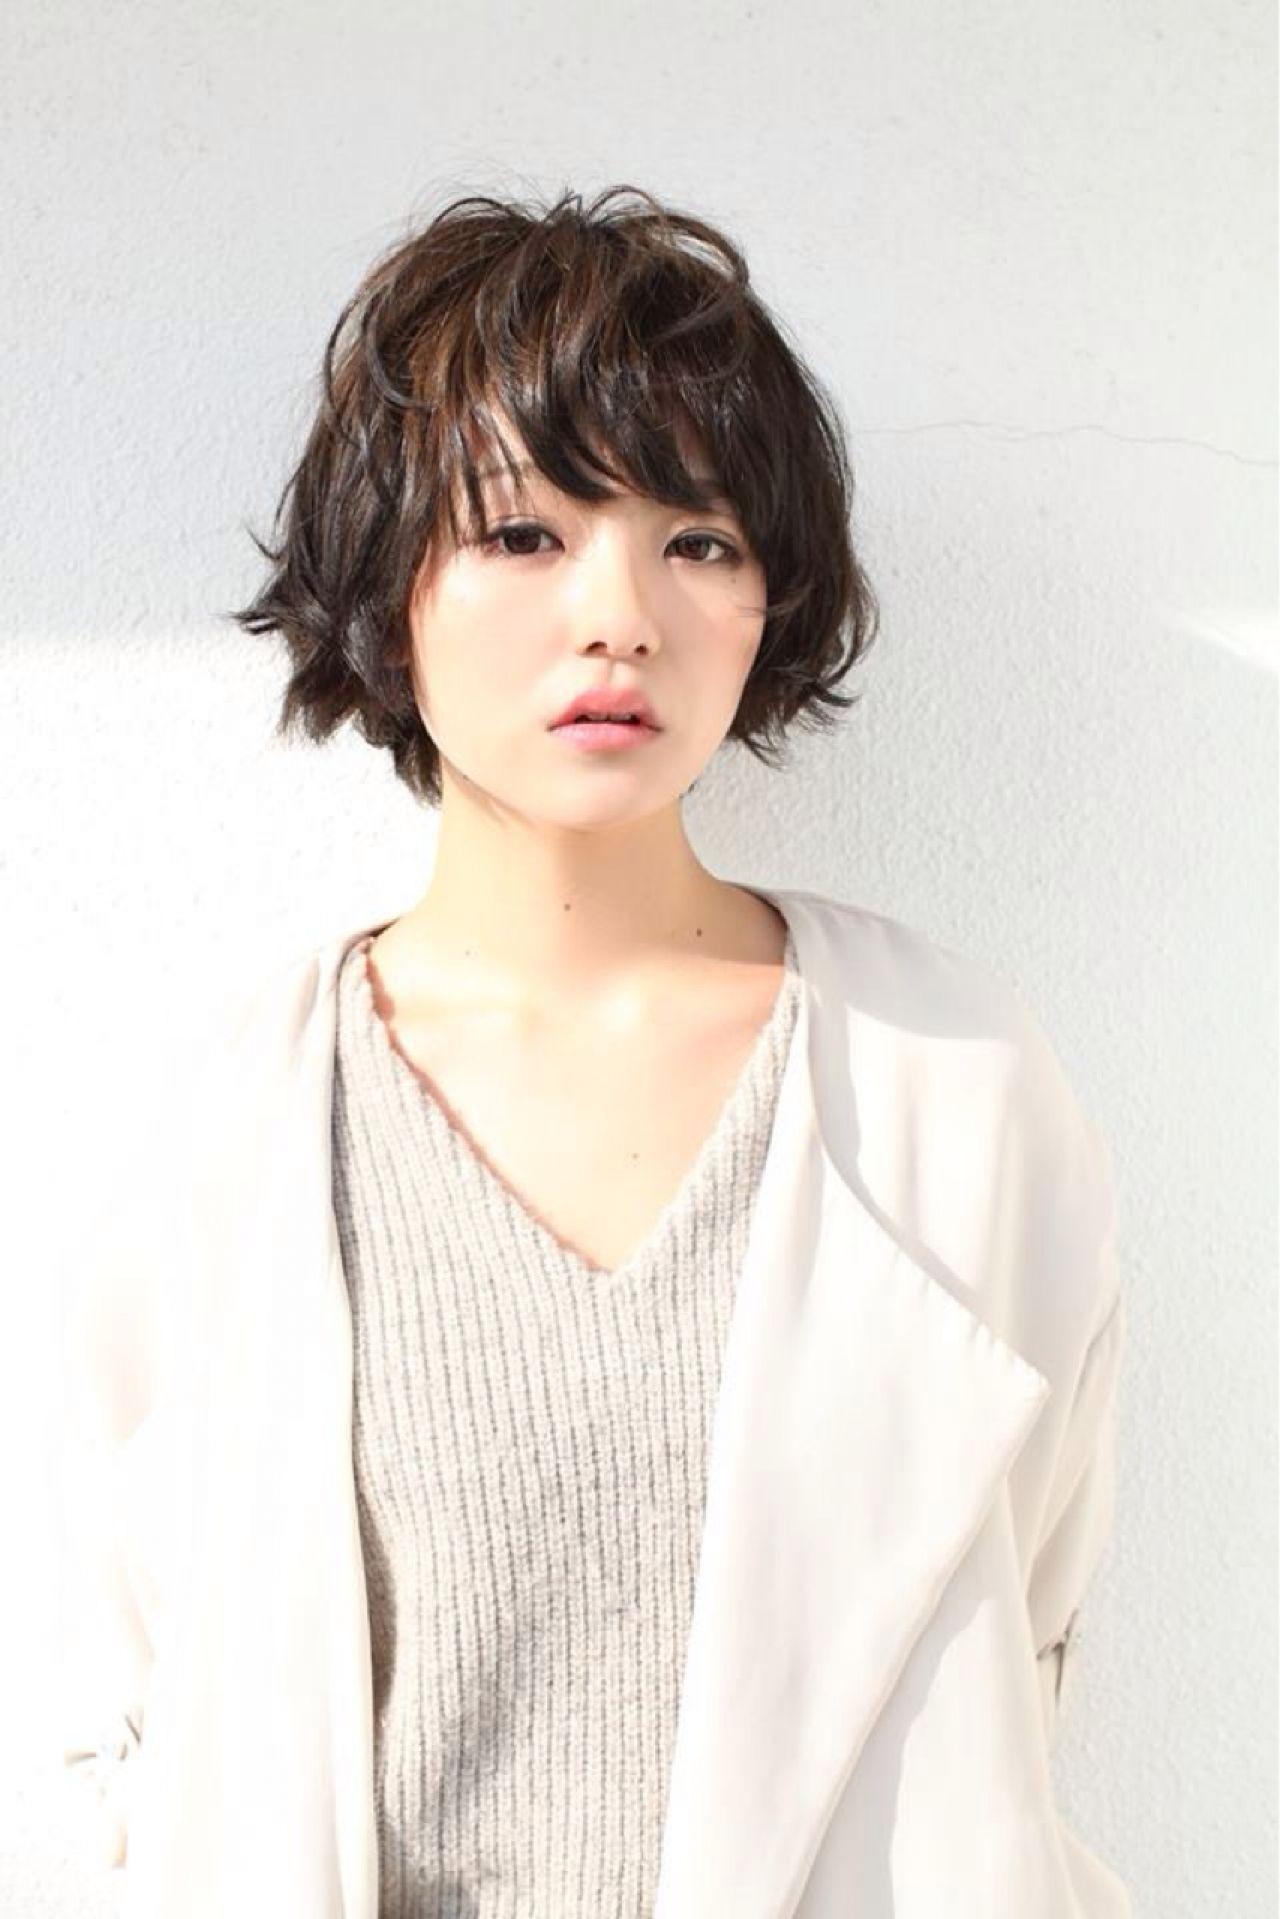 小顔に見せる効果抜群。自然でキュートな印象を生み出す魔法の前髪♡ ishihara takuya